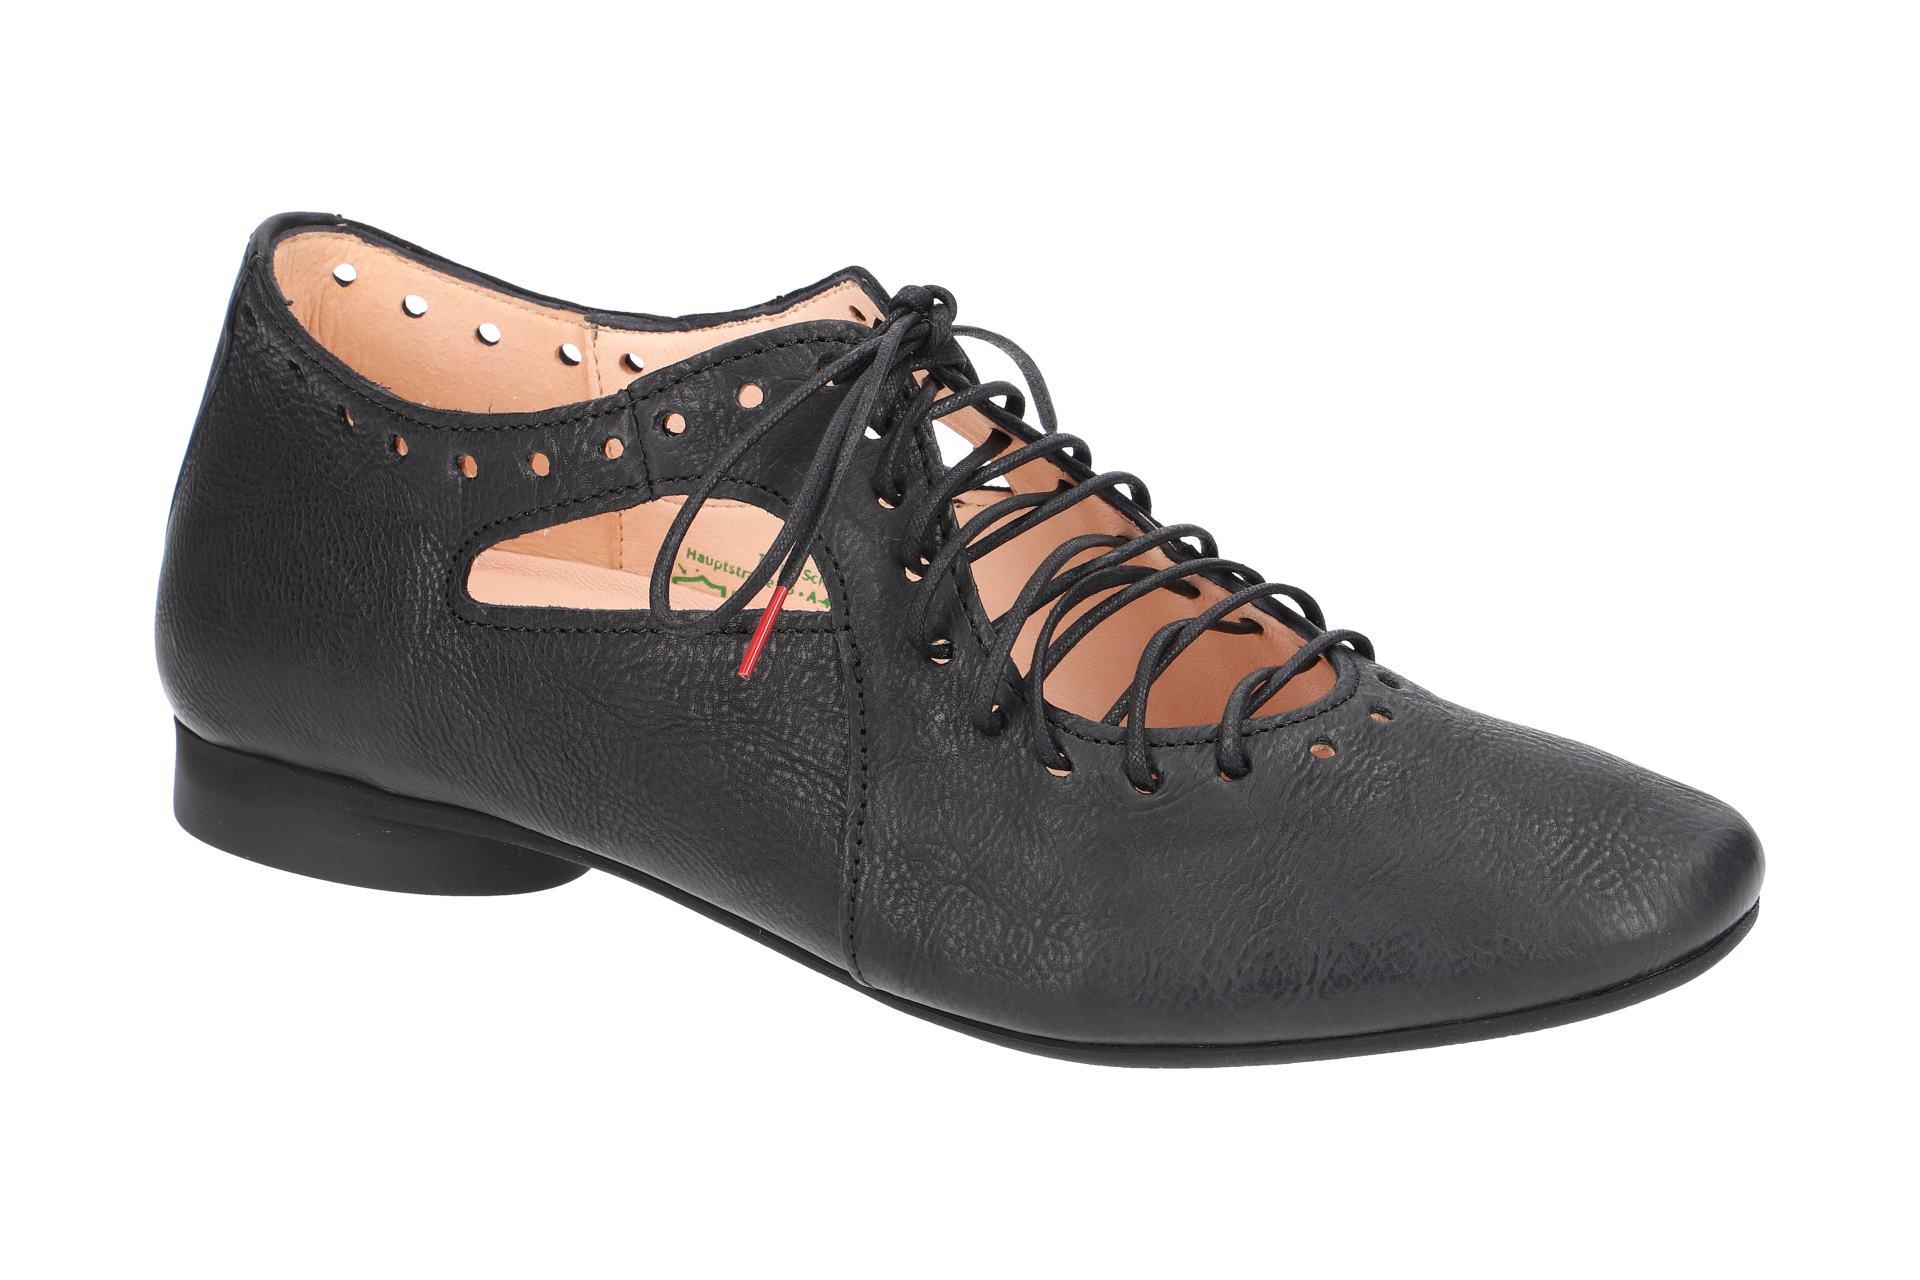 Think GUAD Damen zapatos  - Halb elegante Schnür- Halb - zapatos  schwarz NEU fd3f6e